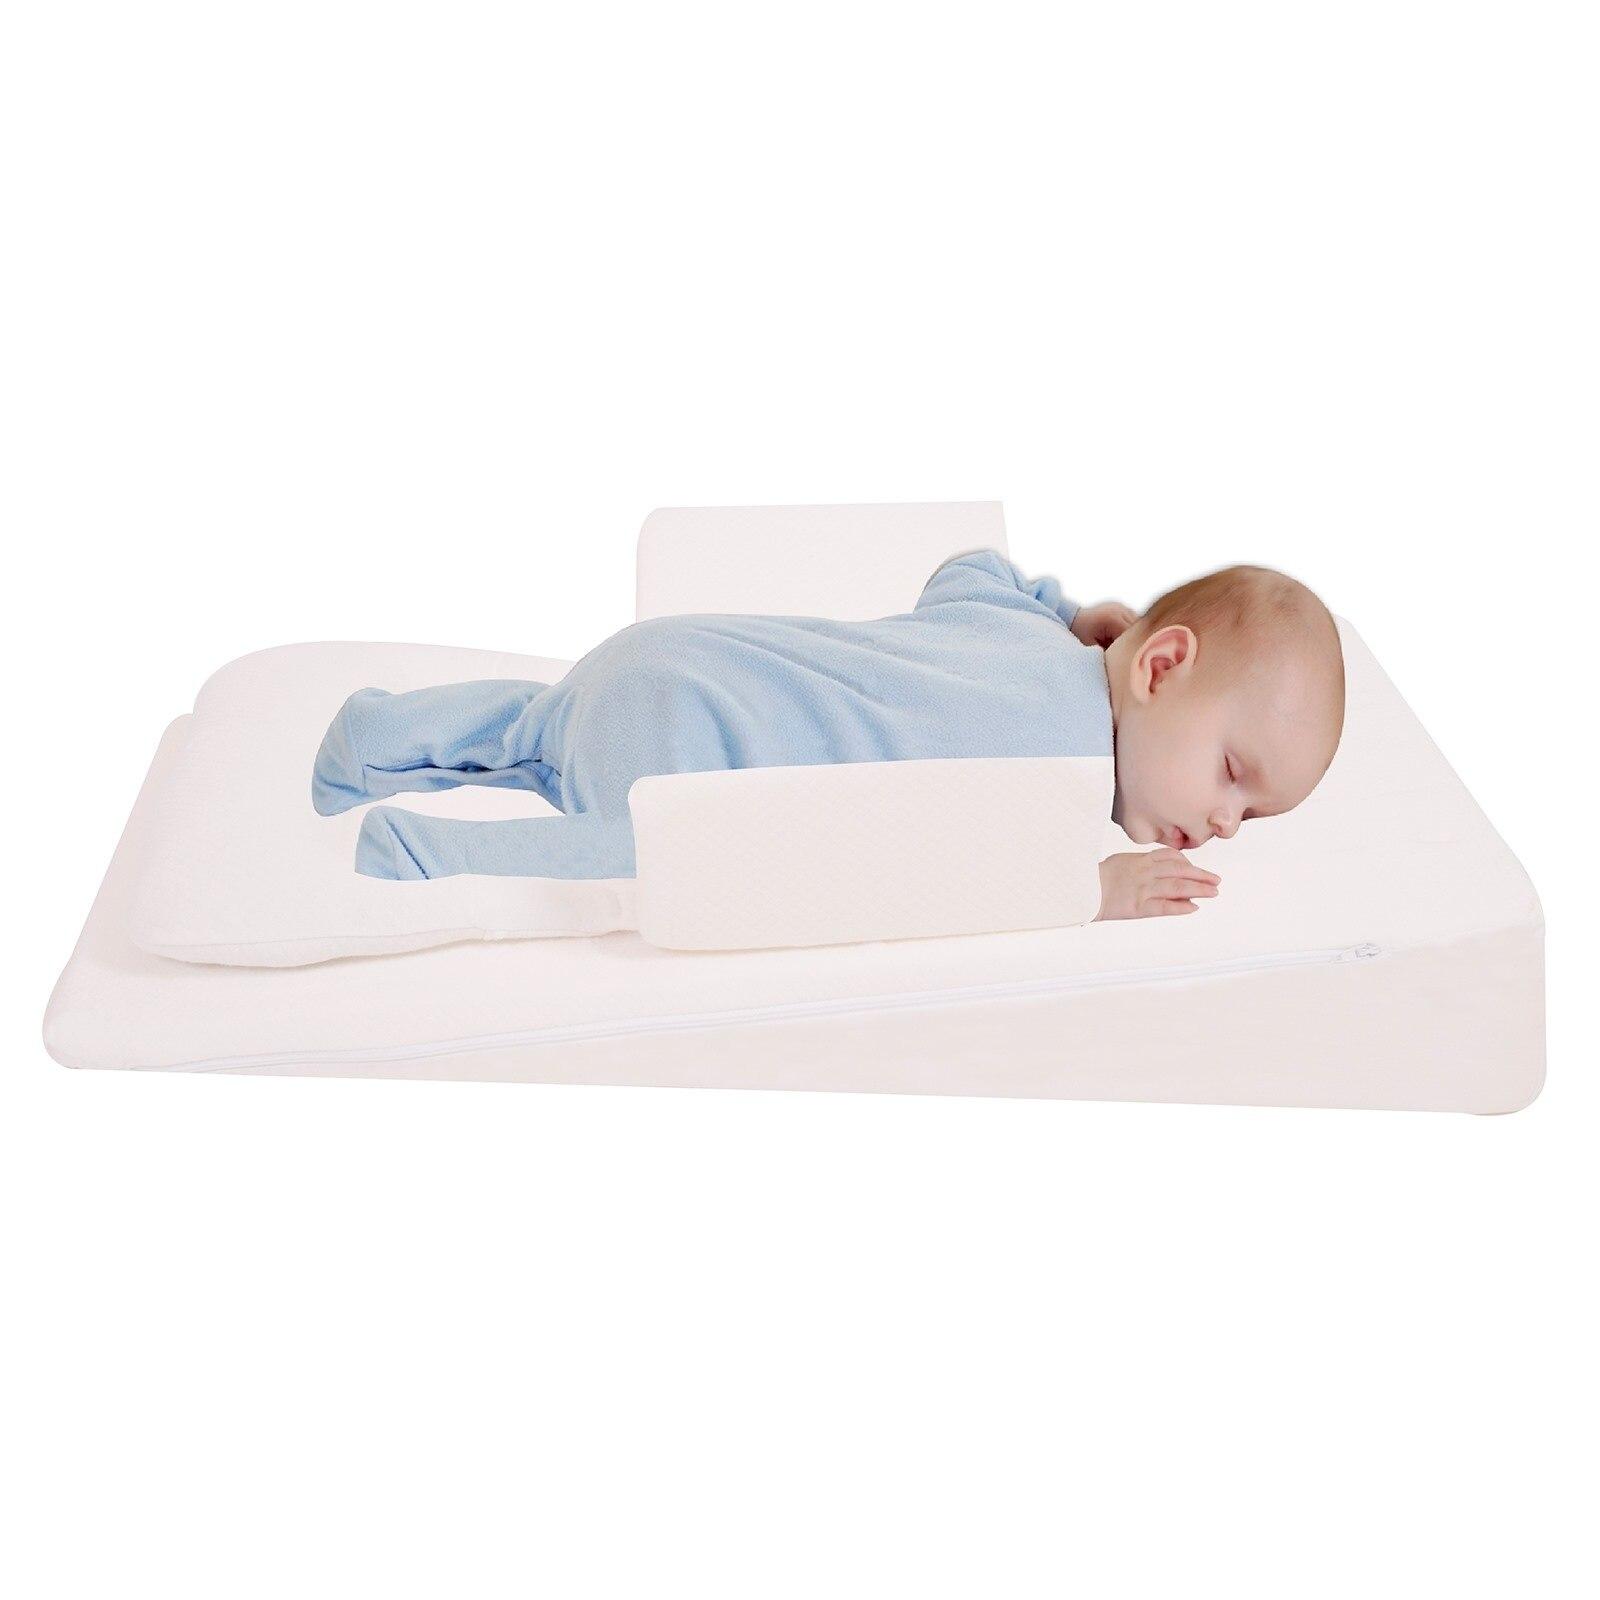 Ebebek Sevi Bebe Baby Reflux Bed